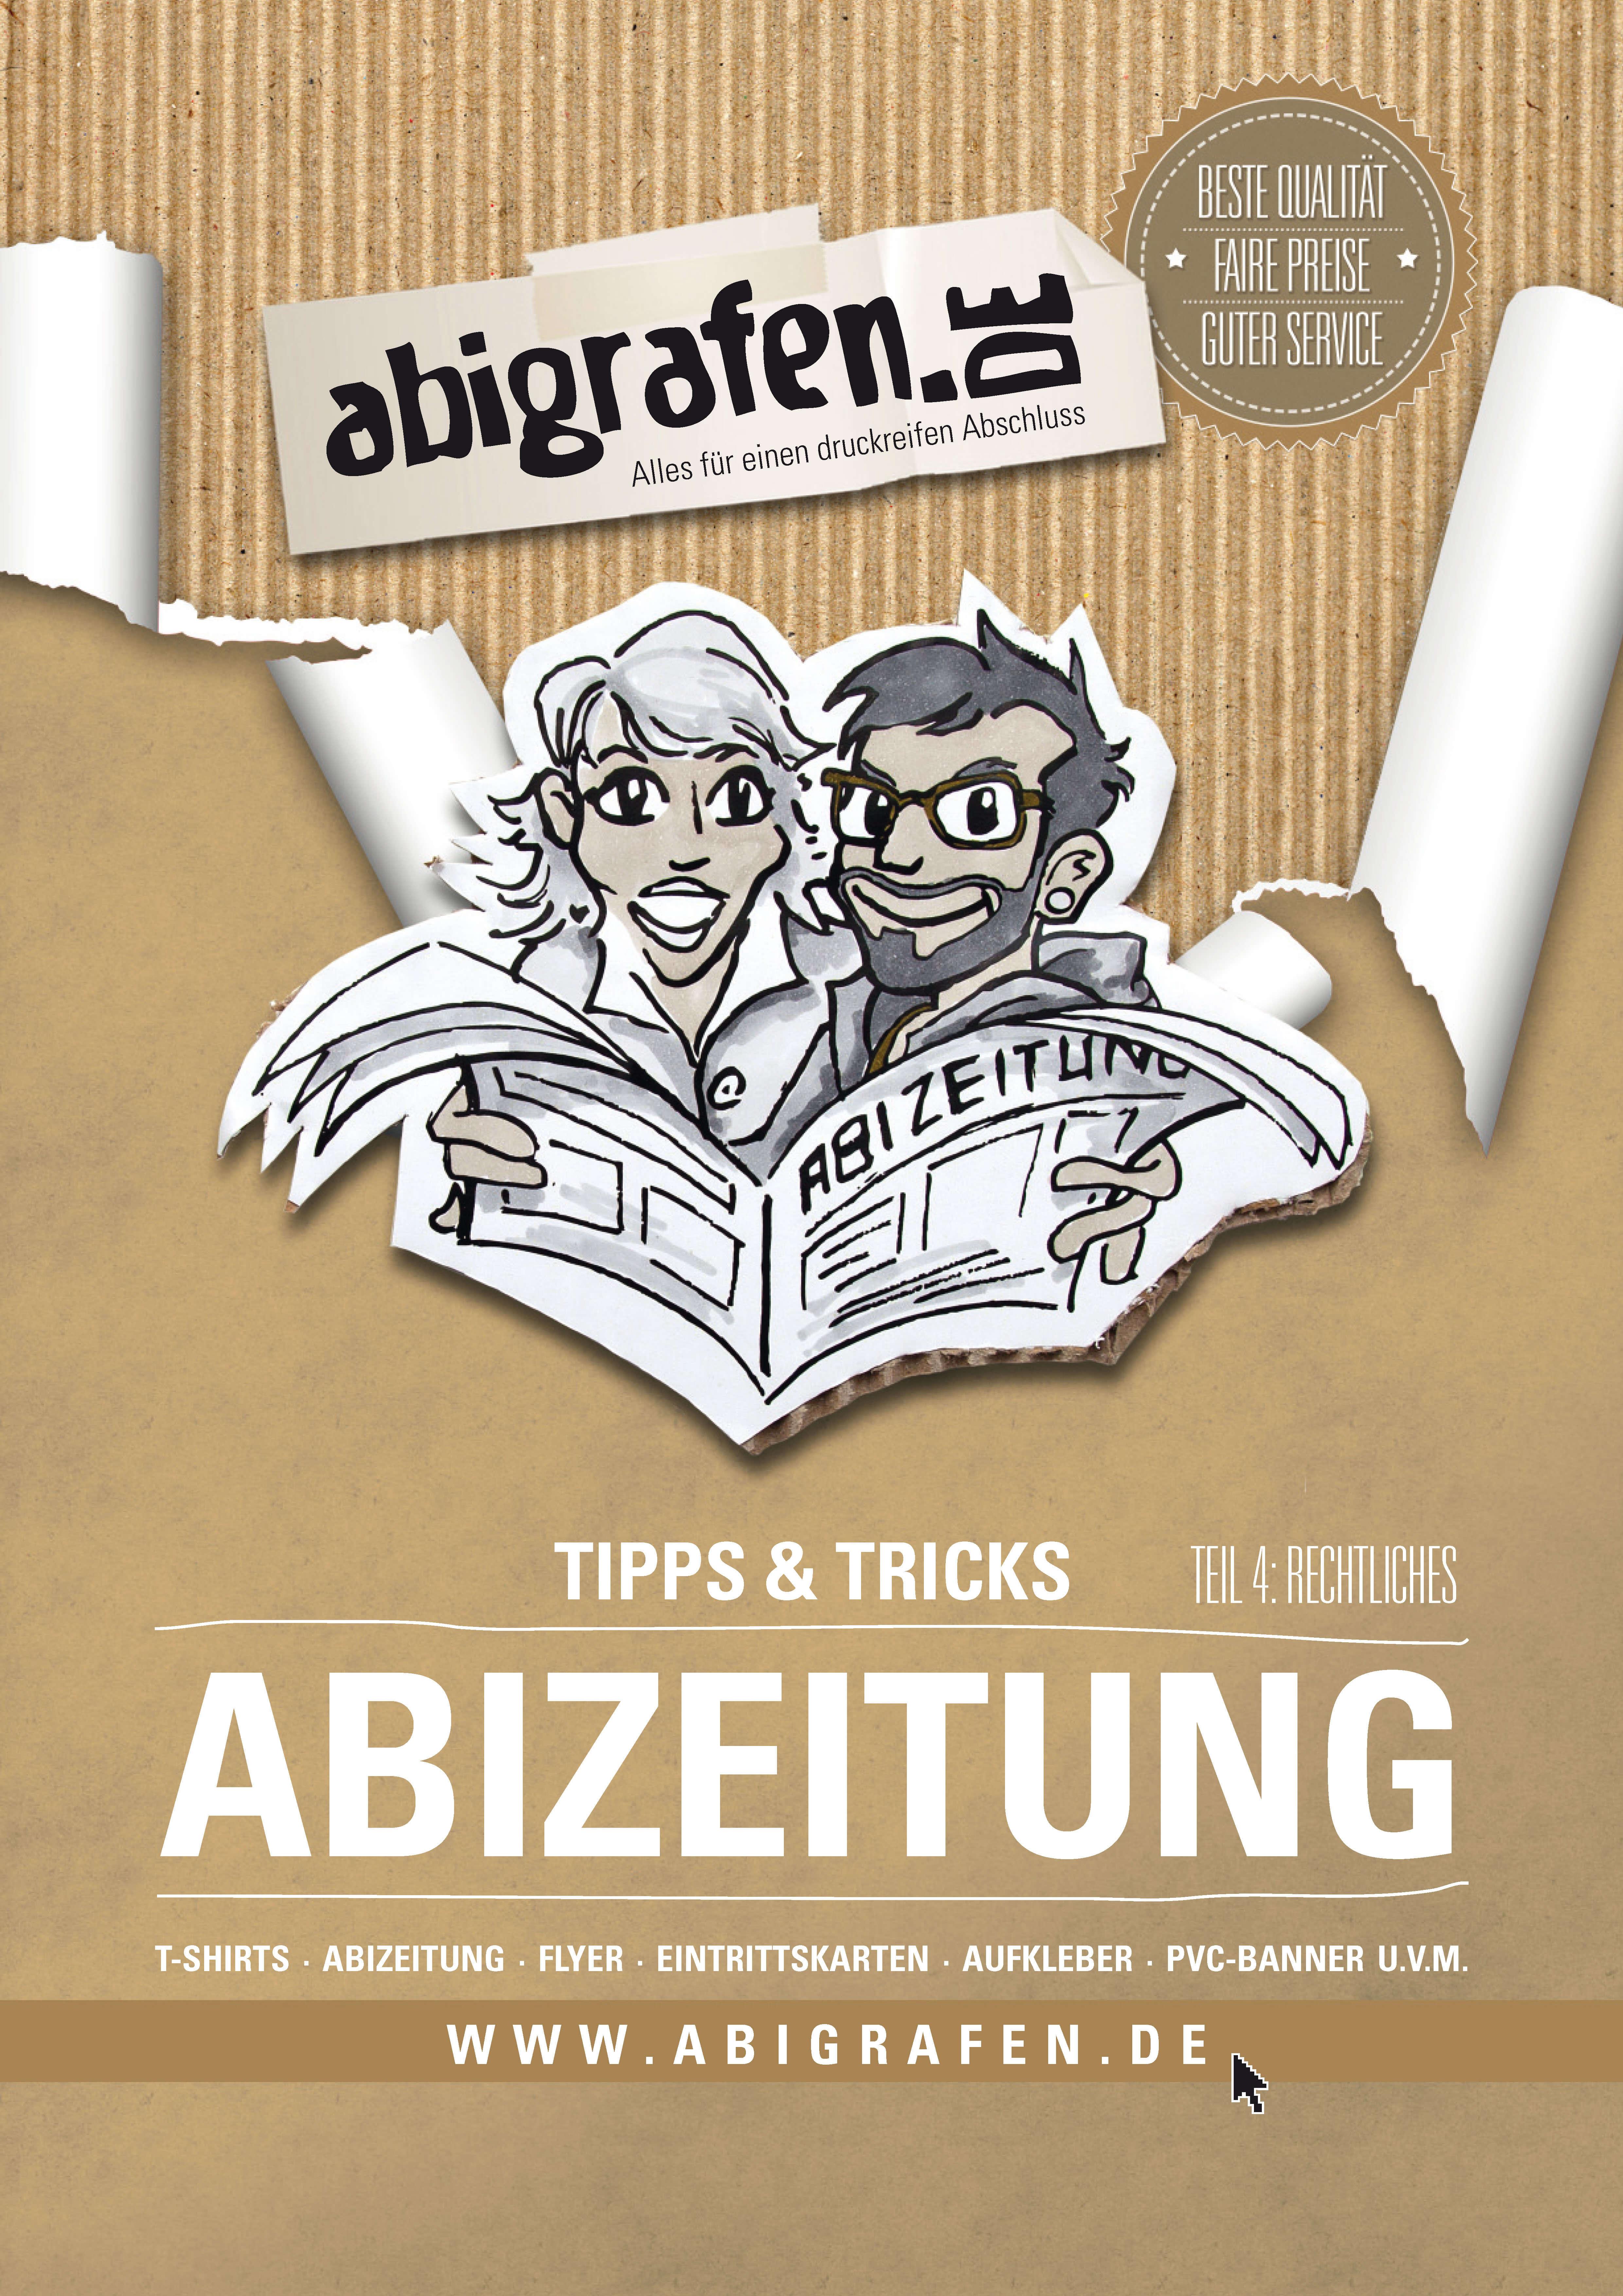 abigrafen.de - Tipps zu rechtlichen Aspekten für Abizeitung/Abibuch